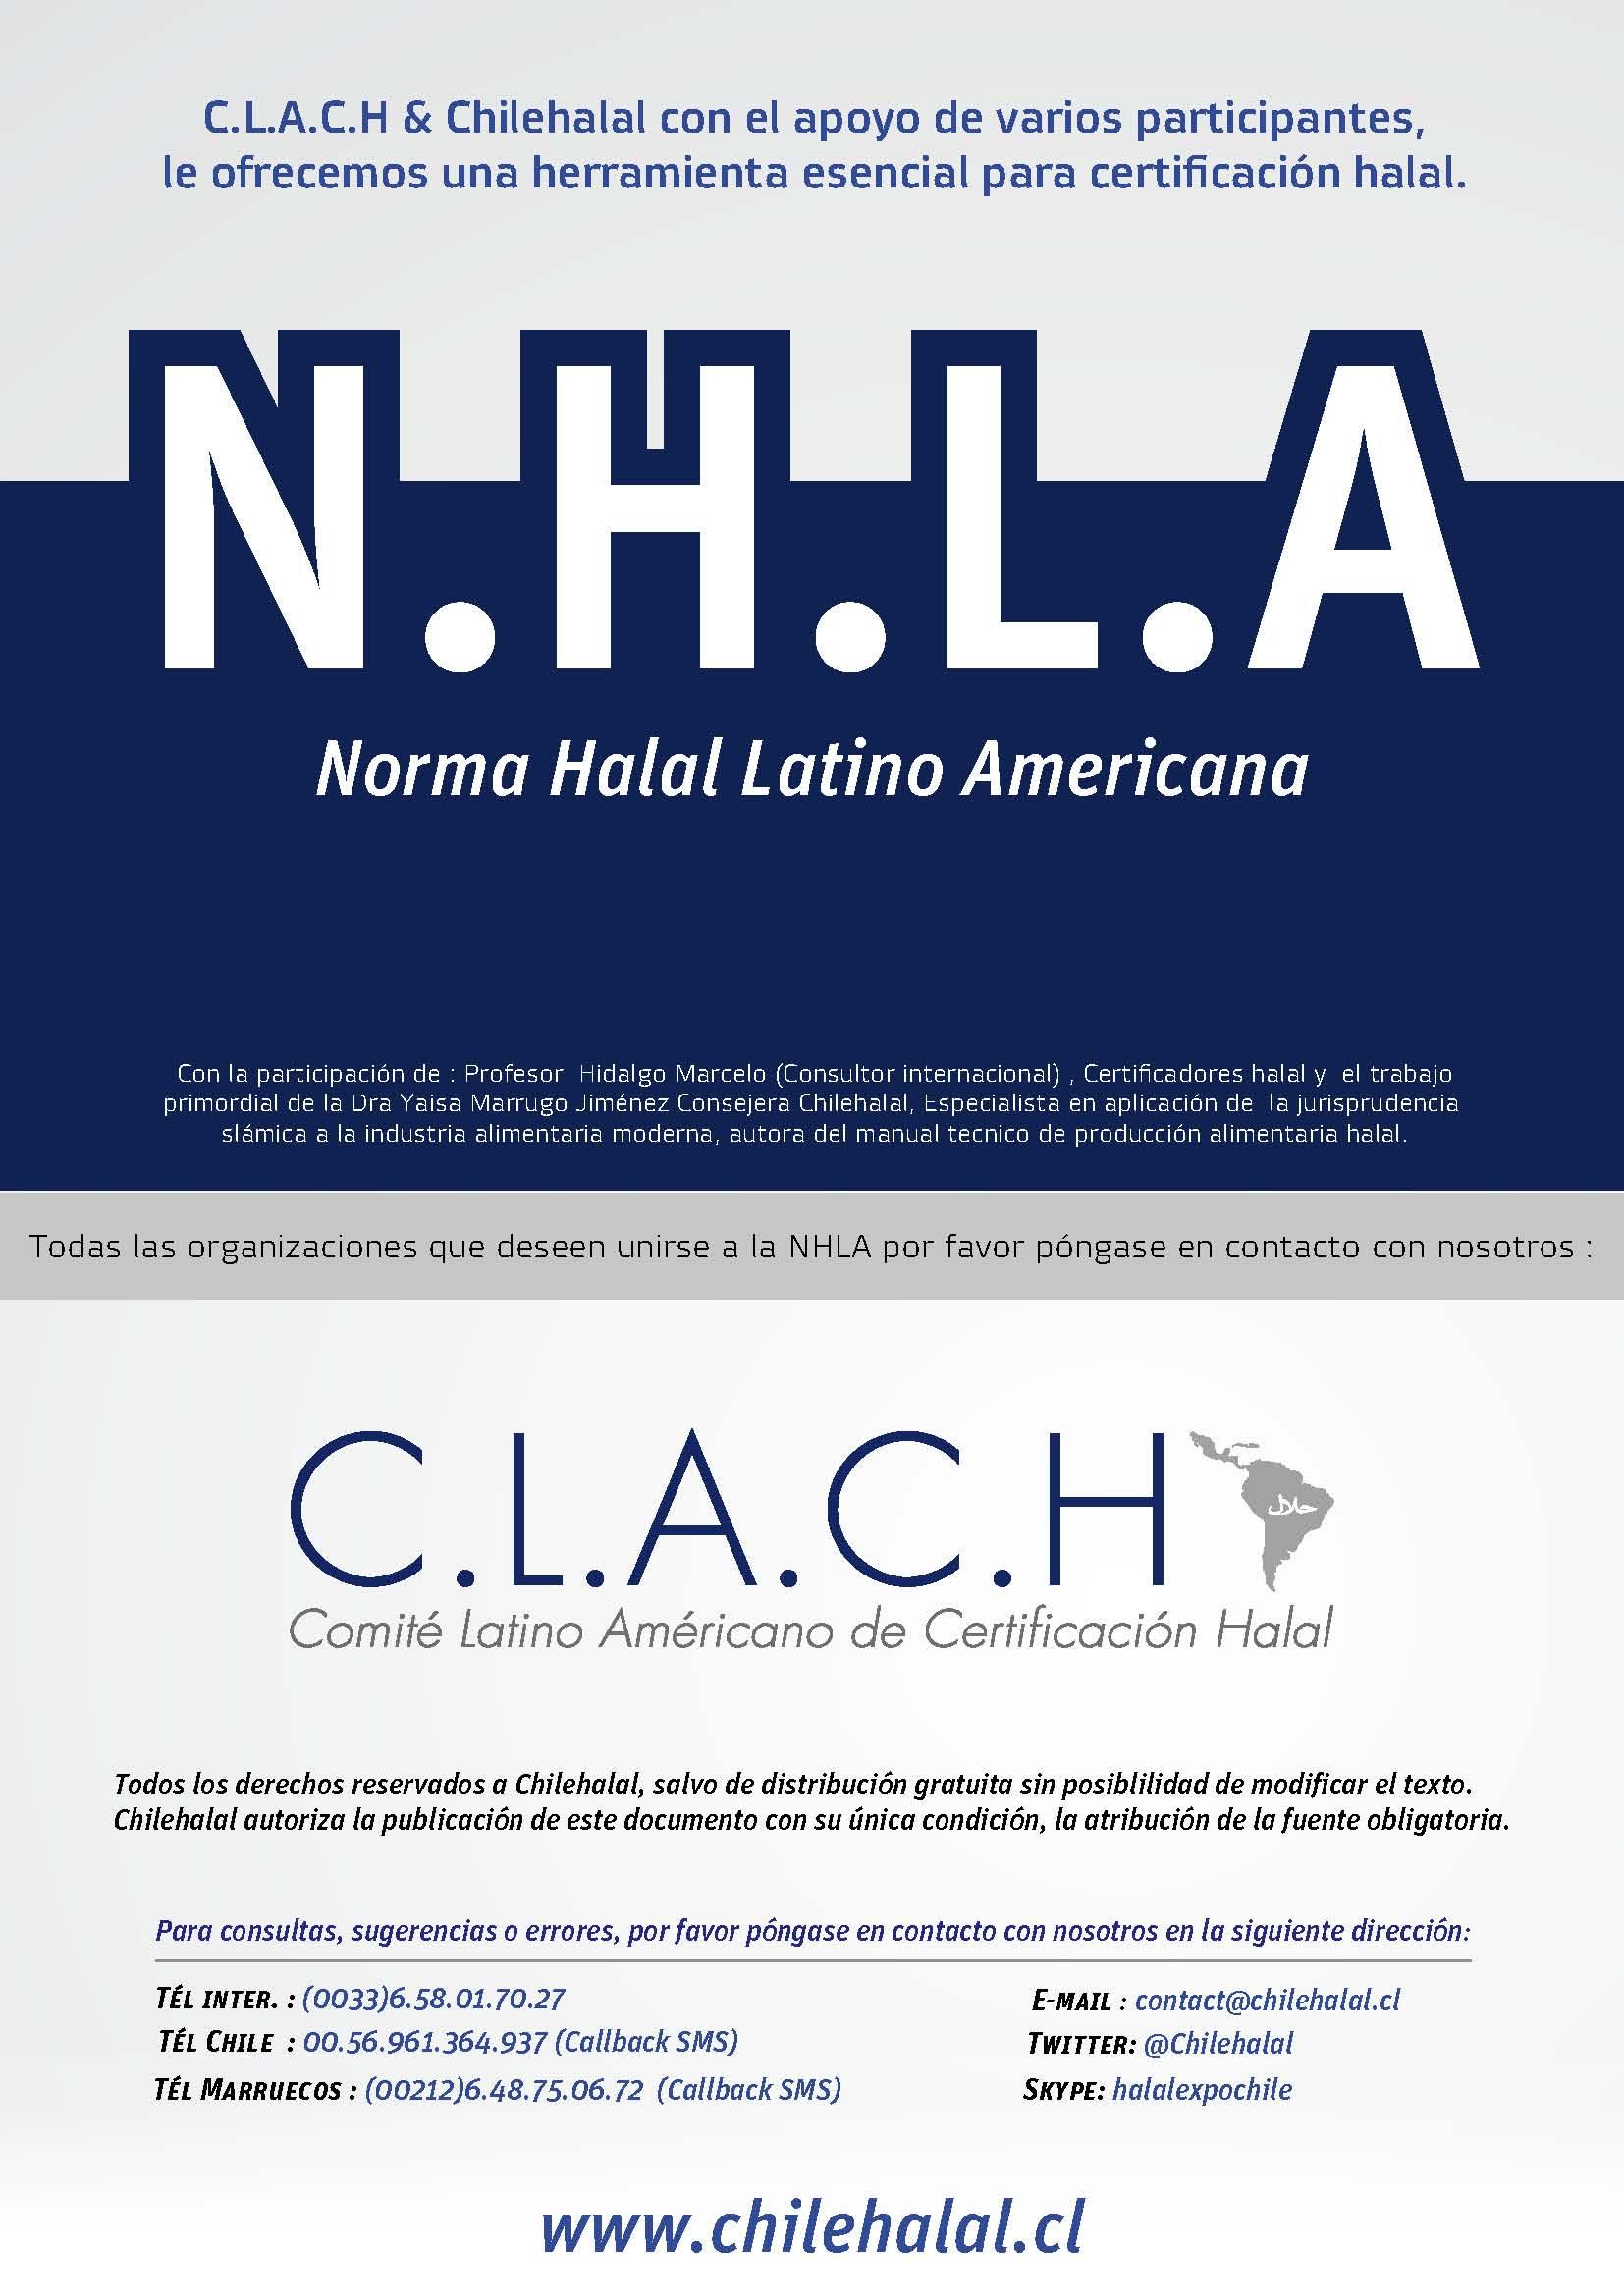 Norma Halal Latino Americana, únete al C.L.A.C.H ( Comité Latino Americano de certificación halal)